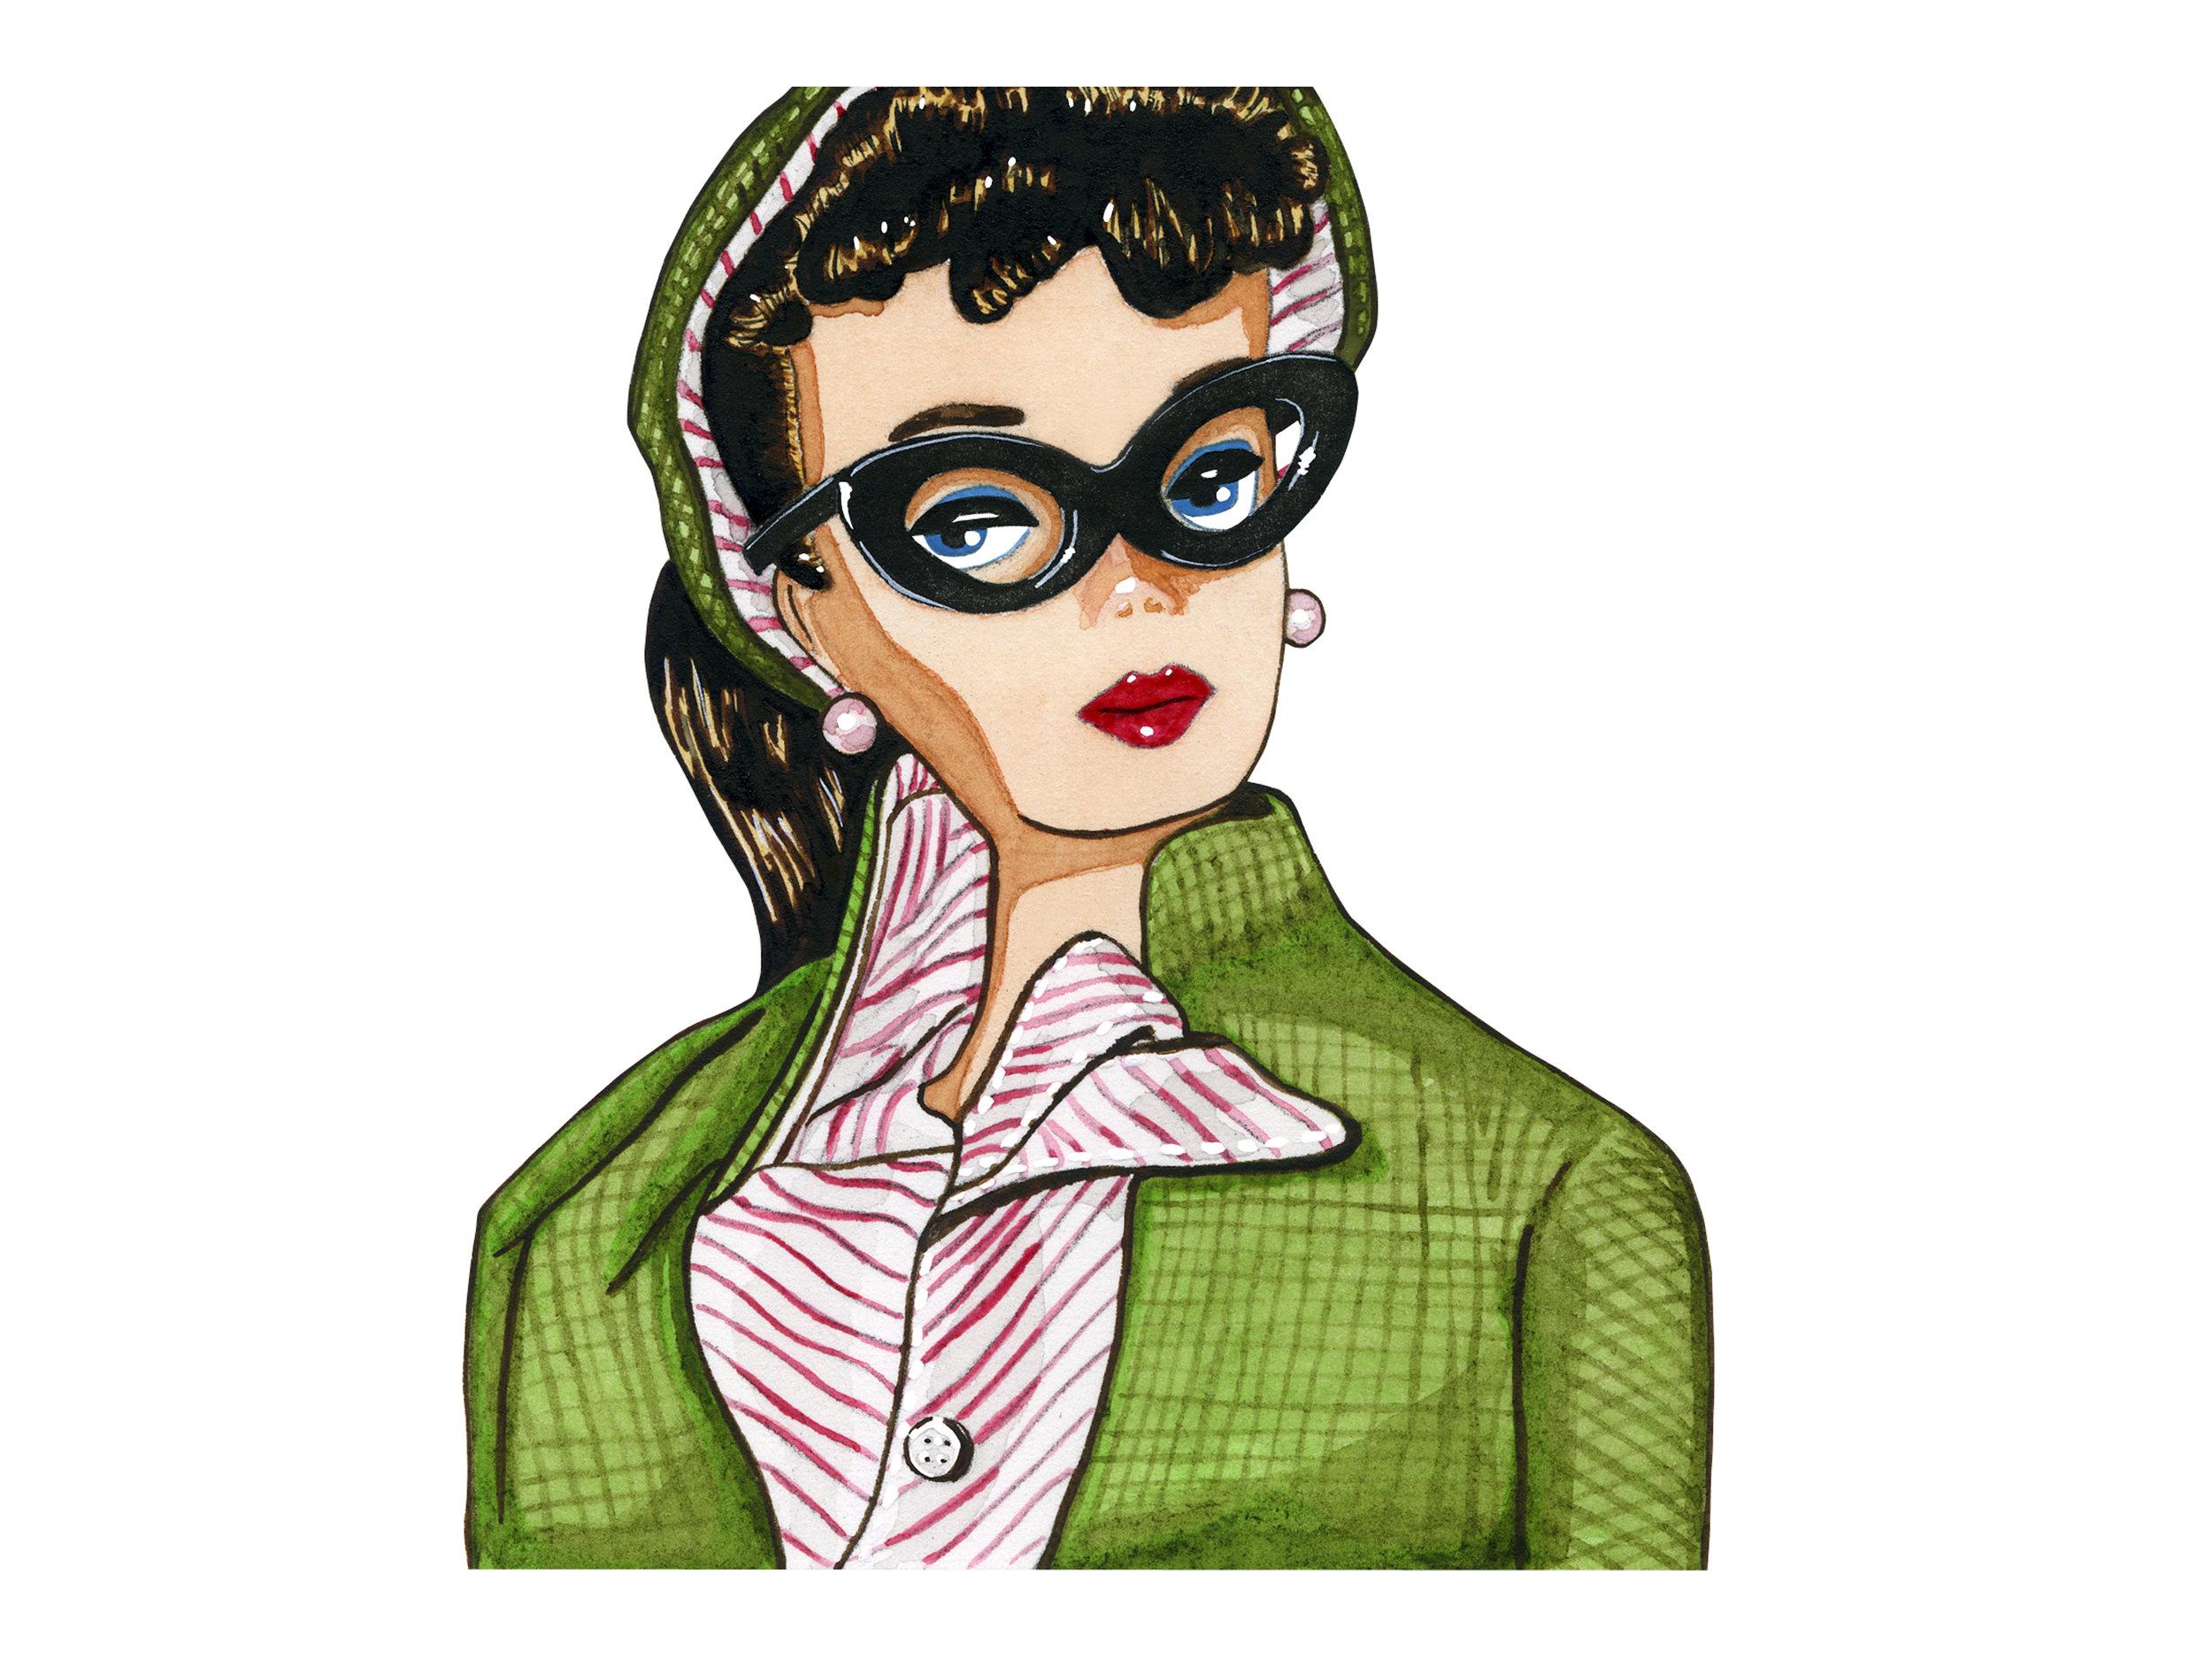 Green Tweed Jacket | Vintage Barbie Collection